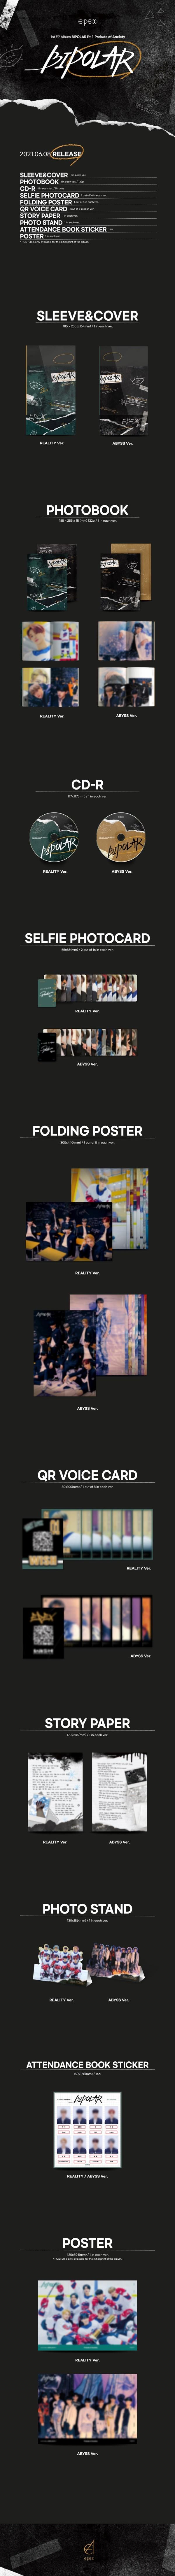 EPEX、ファーストEPアルバム『「Bipolar Pt.1 不安の書」』